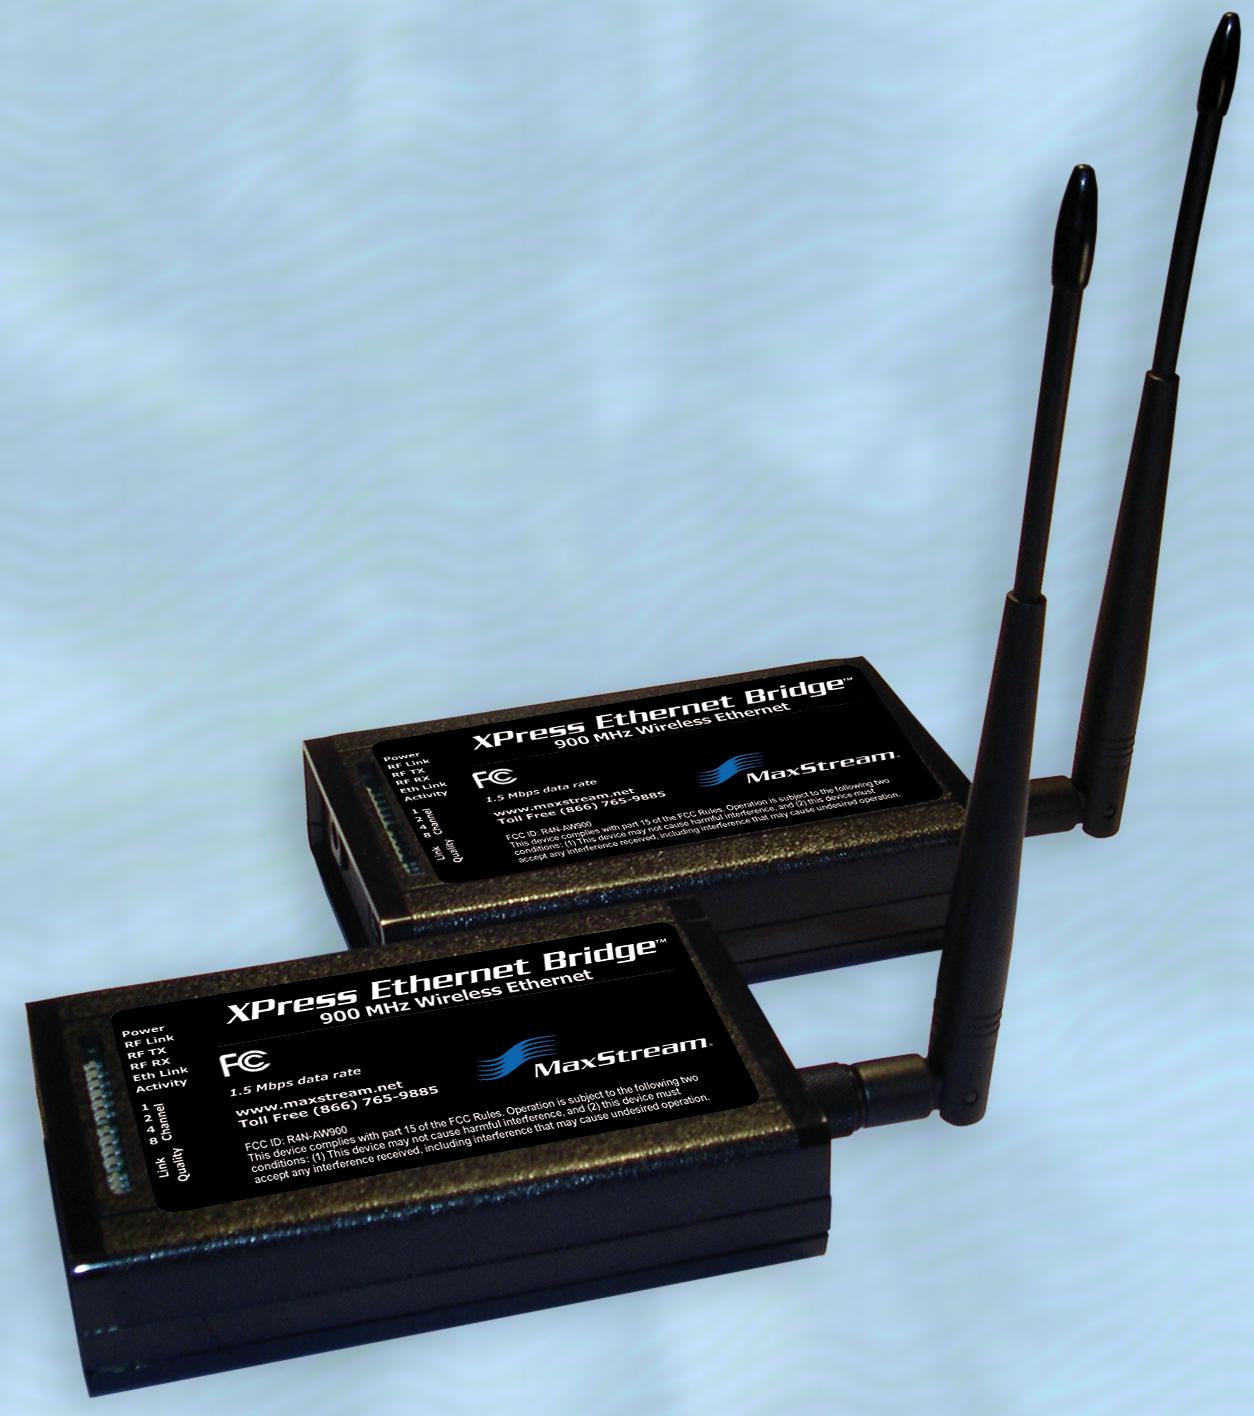 无线以太网桥可扩展高速以太网网络 优化远程高速数...